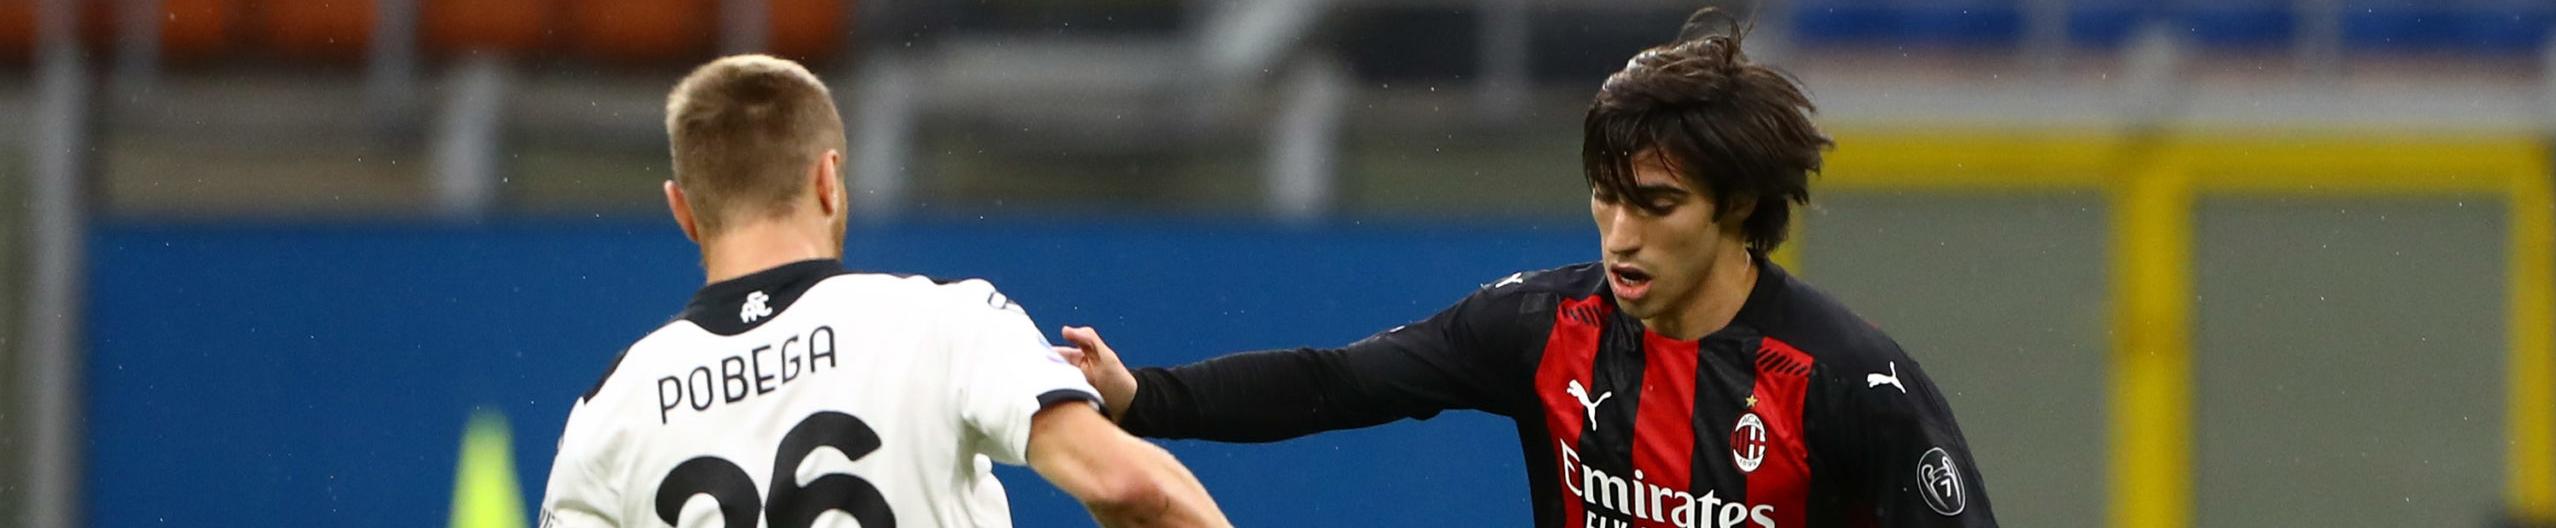 Spezia-Milan: il Diavolo vuole vincere per arrivare al derby da capolista